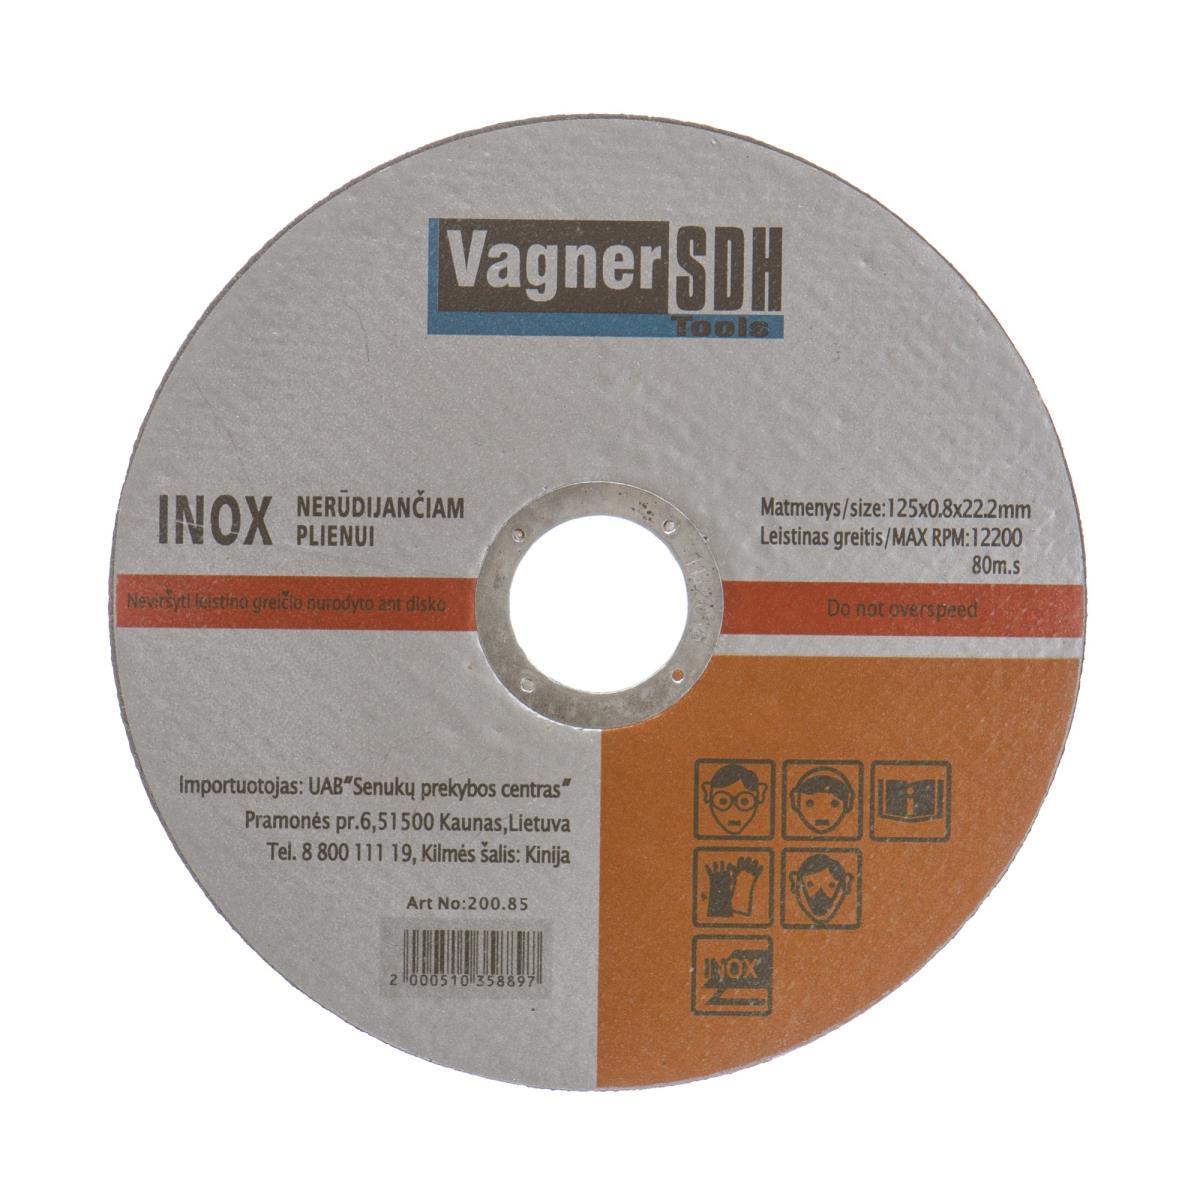 Trennscheiben 10 Stk. ø125 x 0,8mm INOX für Edelstaht Metall Stahl Flexscheiben,Vagner SDH,2100510358894, 2100510358894